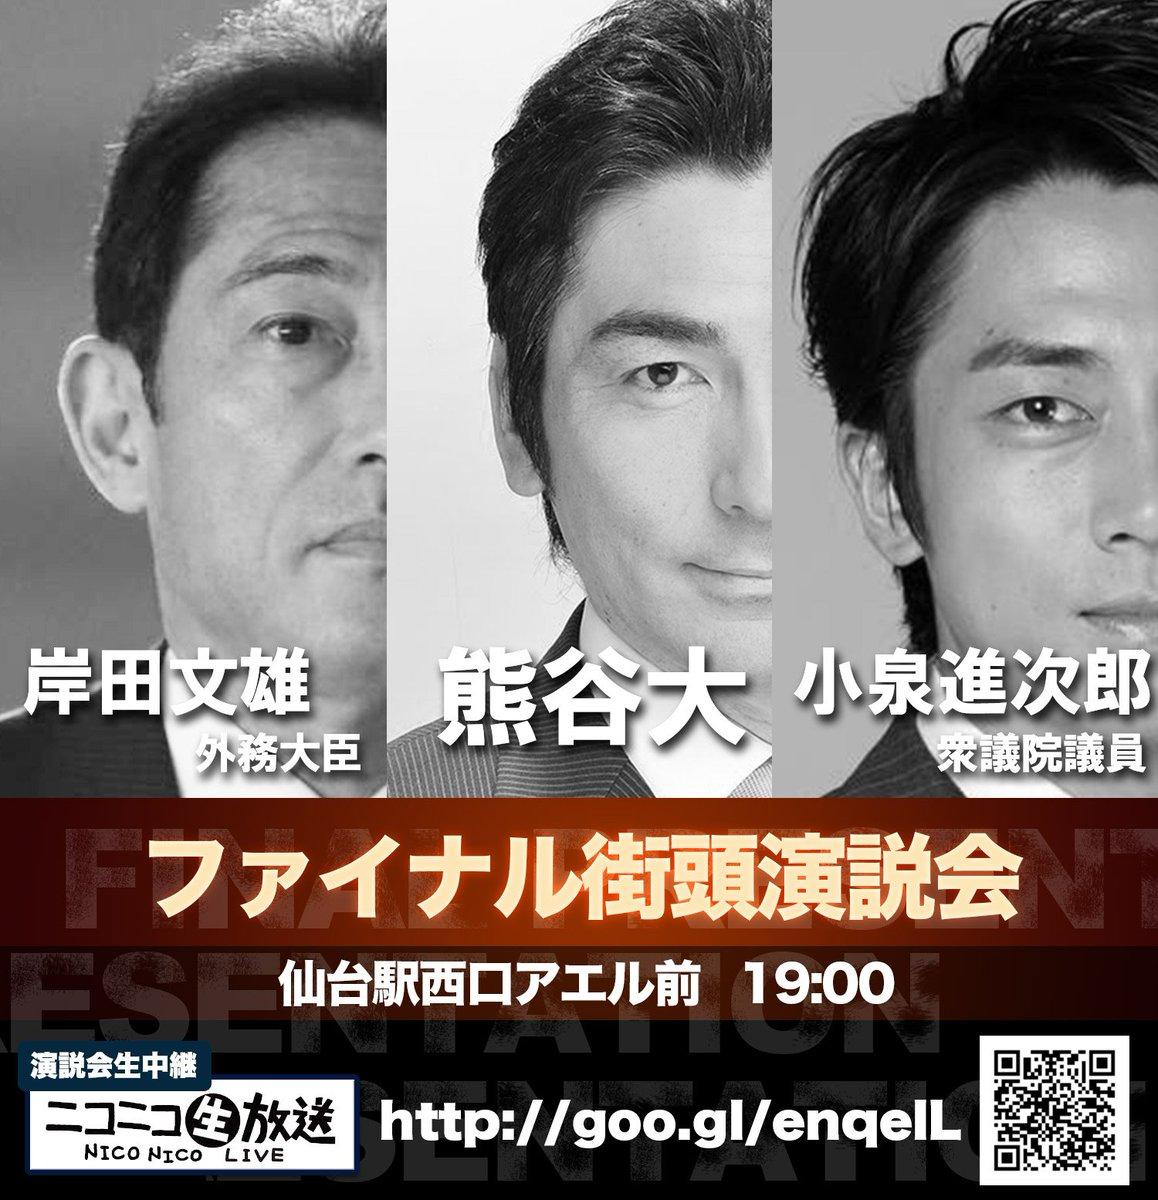 〈シェアをお願いいたします〉 19:00より仙台駅西口アエルで岸田文雄外務大臣と小泉進次郎衆議院議員に参加いただき「ファイナル街頭演説会」を開催致します。皆様是非ご参加くださいますようお願い致します。 #くまがい大 #熊谷大 #宮城 https://t.co/HLM24SqGCf